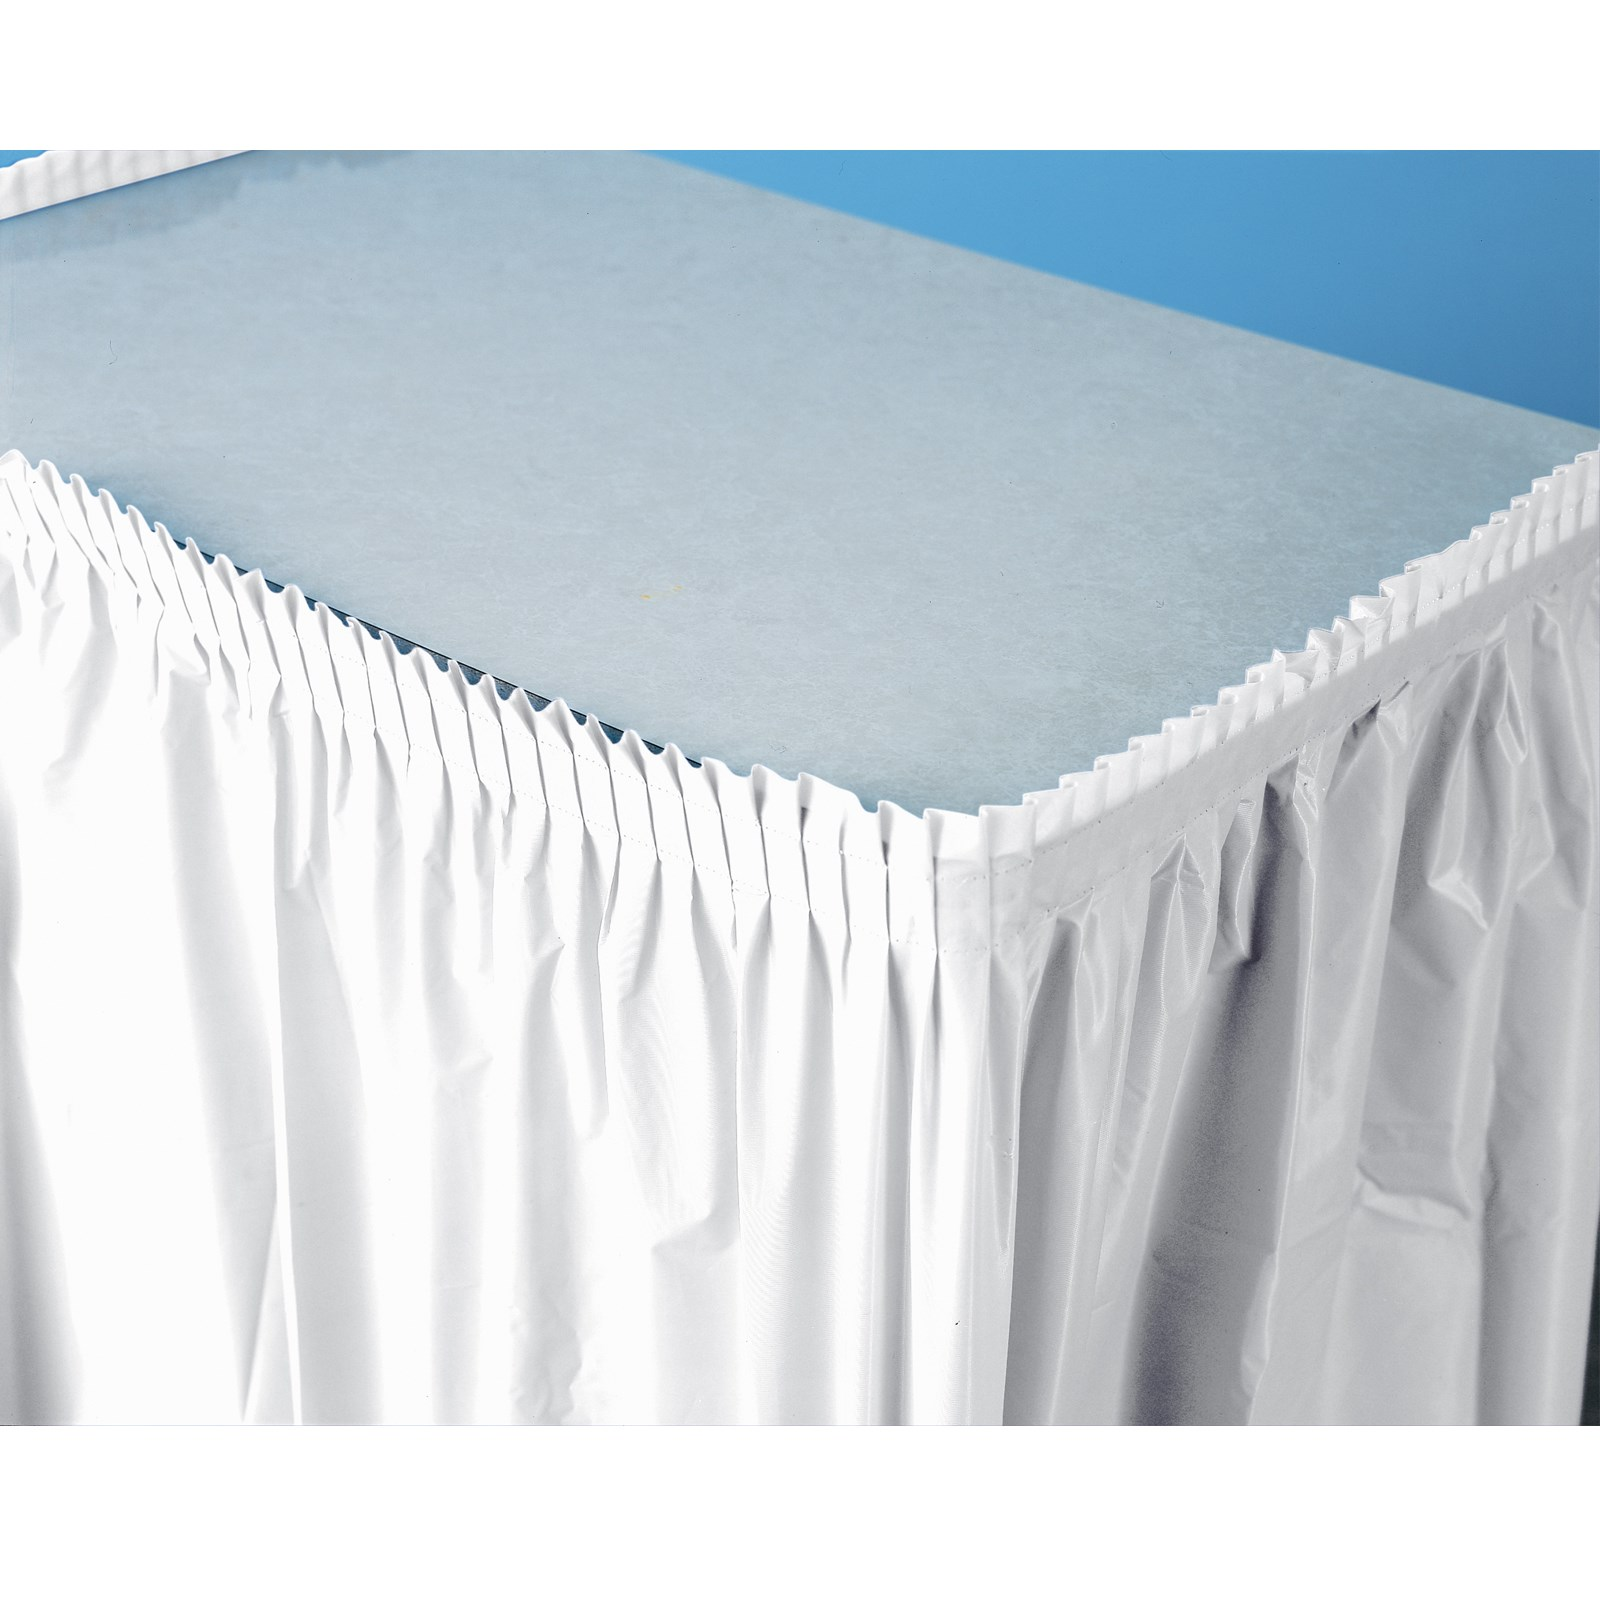 Bright white white plastic table skirt for Table skirting